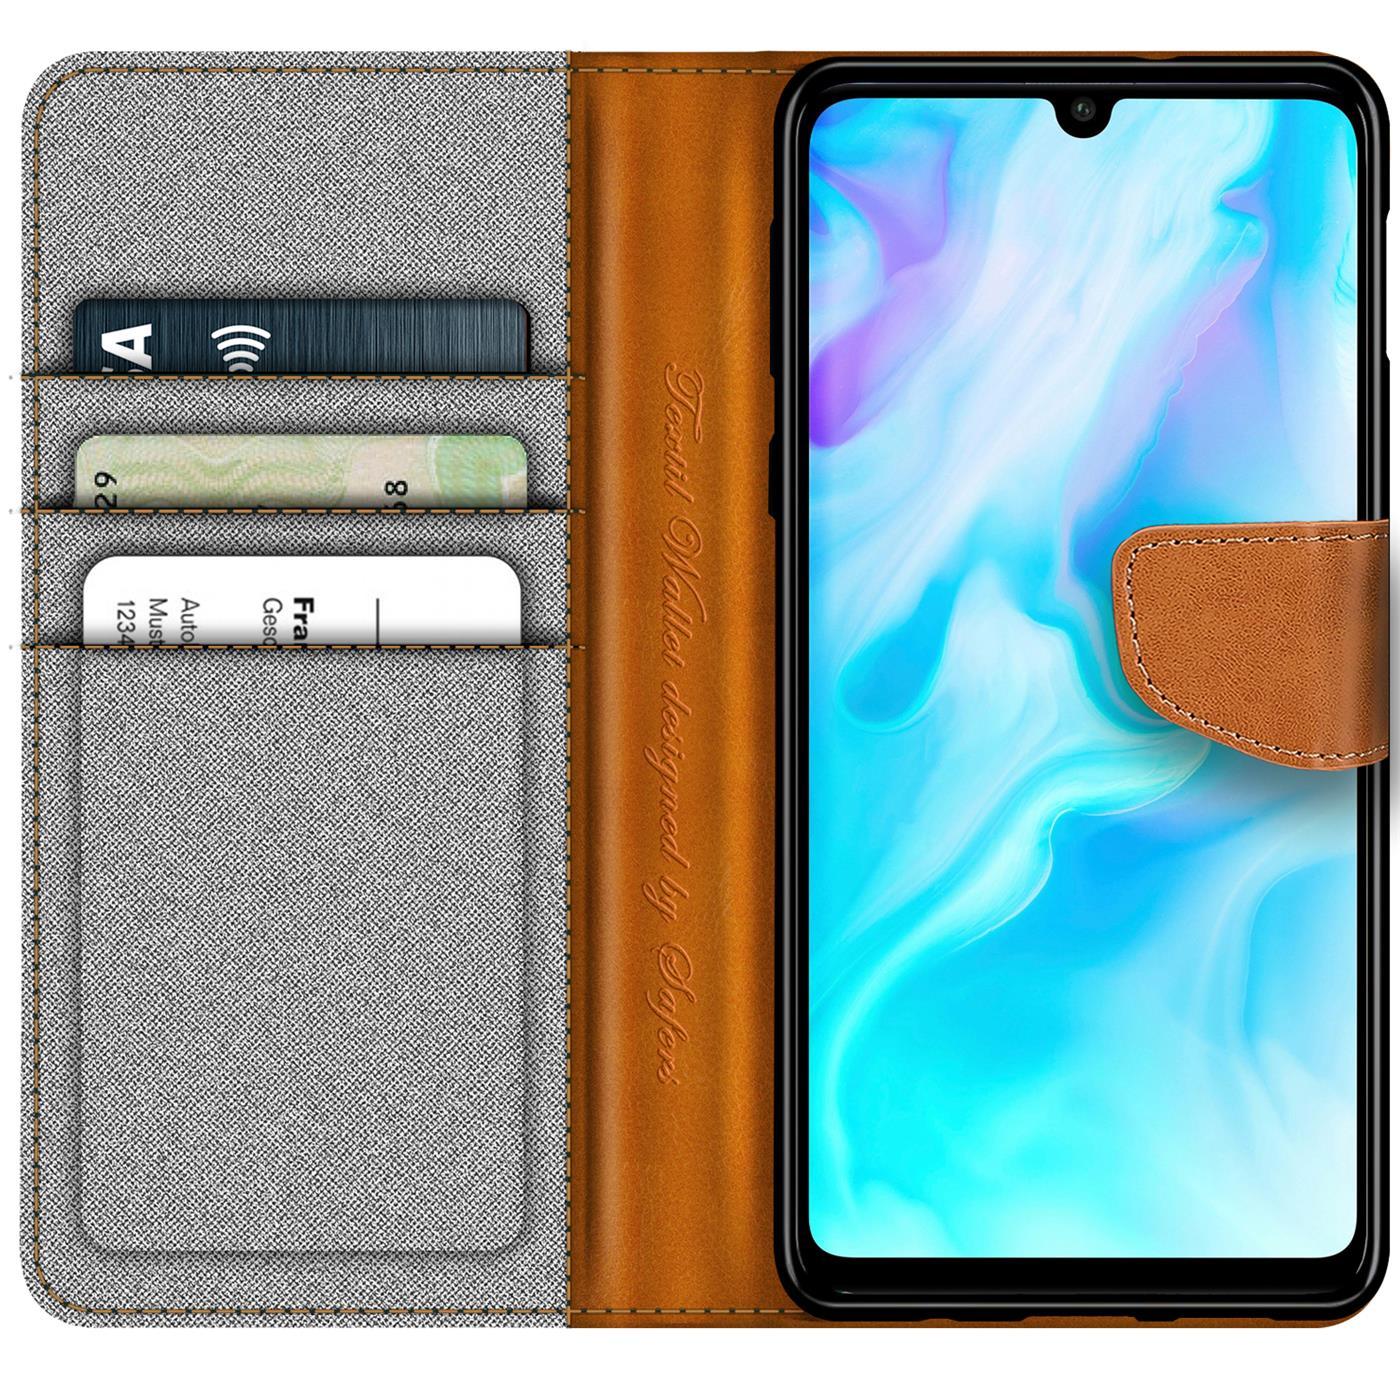 Schutzhuelle-Handy-Huelle-Flip-Case-Klapp-Tasche-Book-Case-Cover-Handyhuelle-Etui Indexbild 25